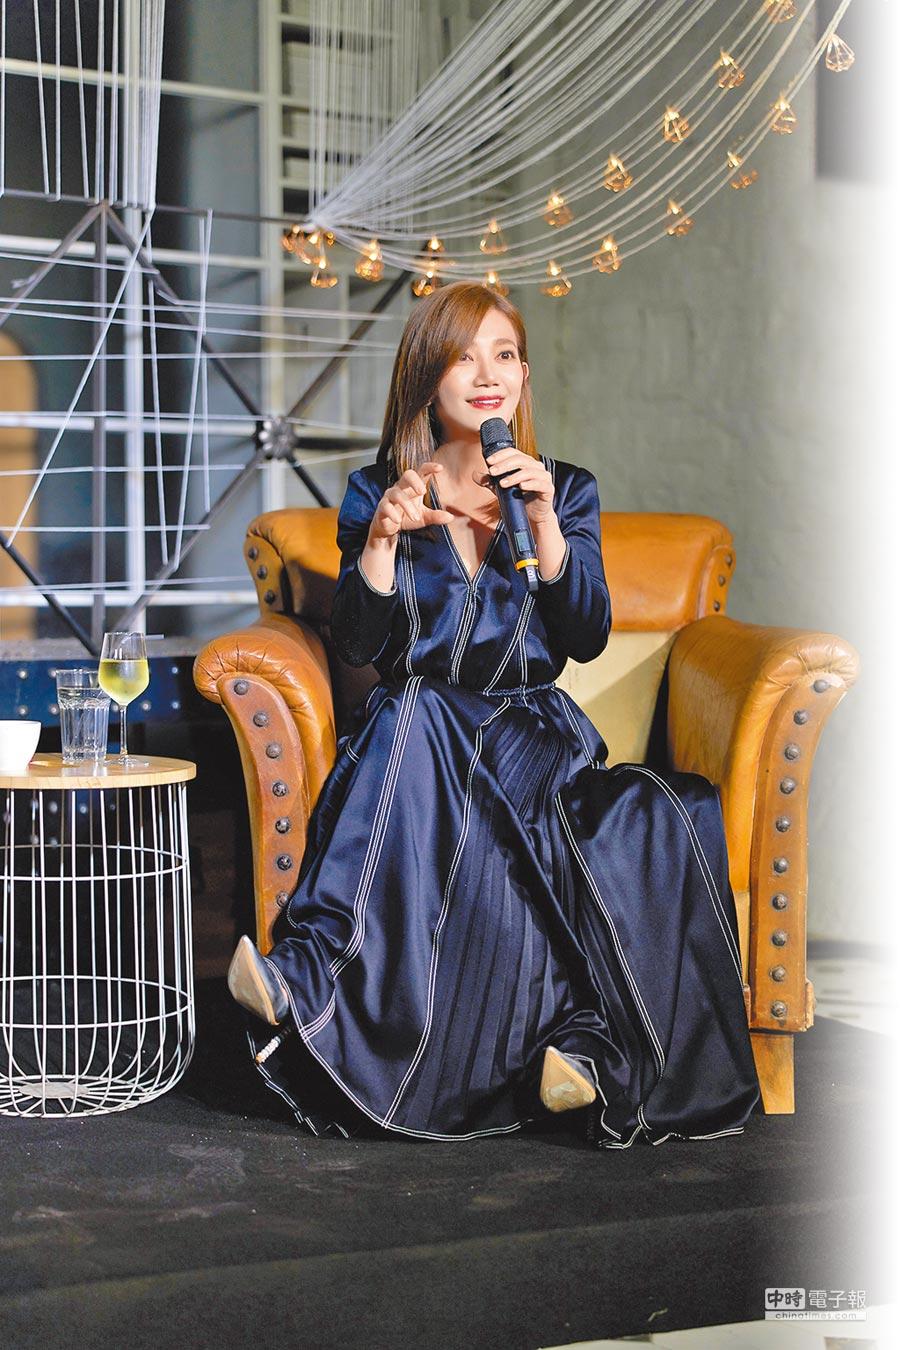 梁靜茹暌違7年回歸歌壇,被譽為療癒系情歌本格派天后。